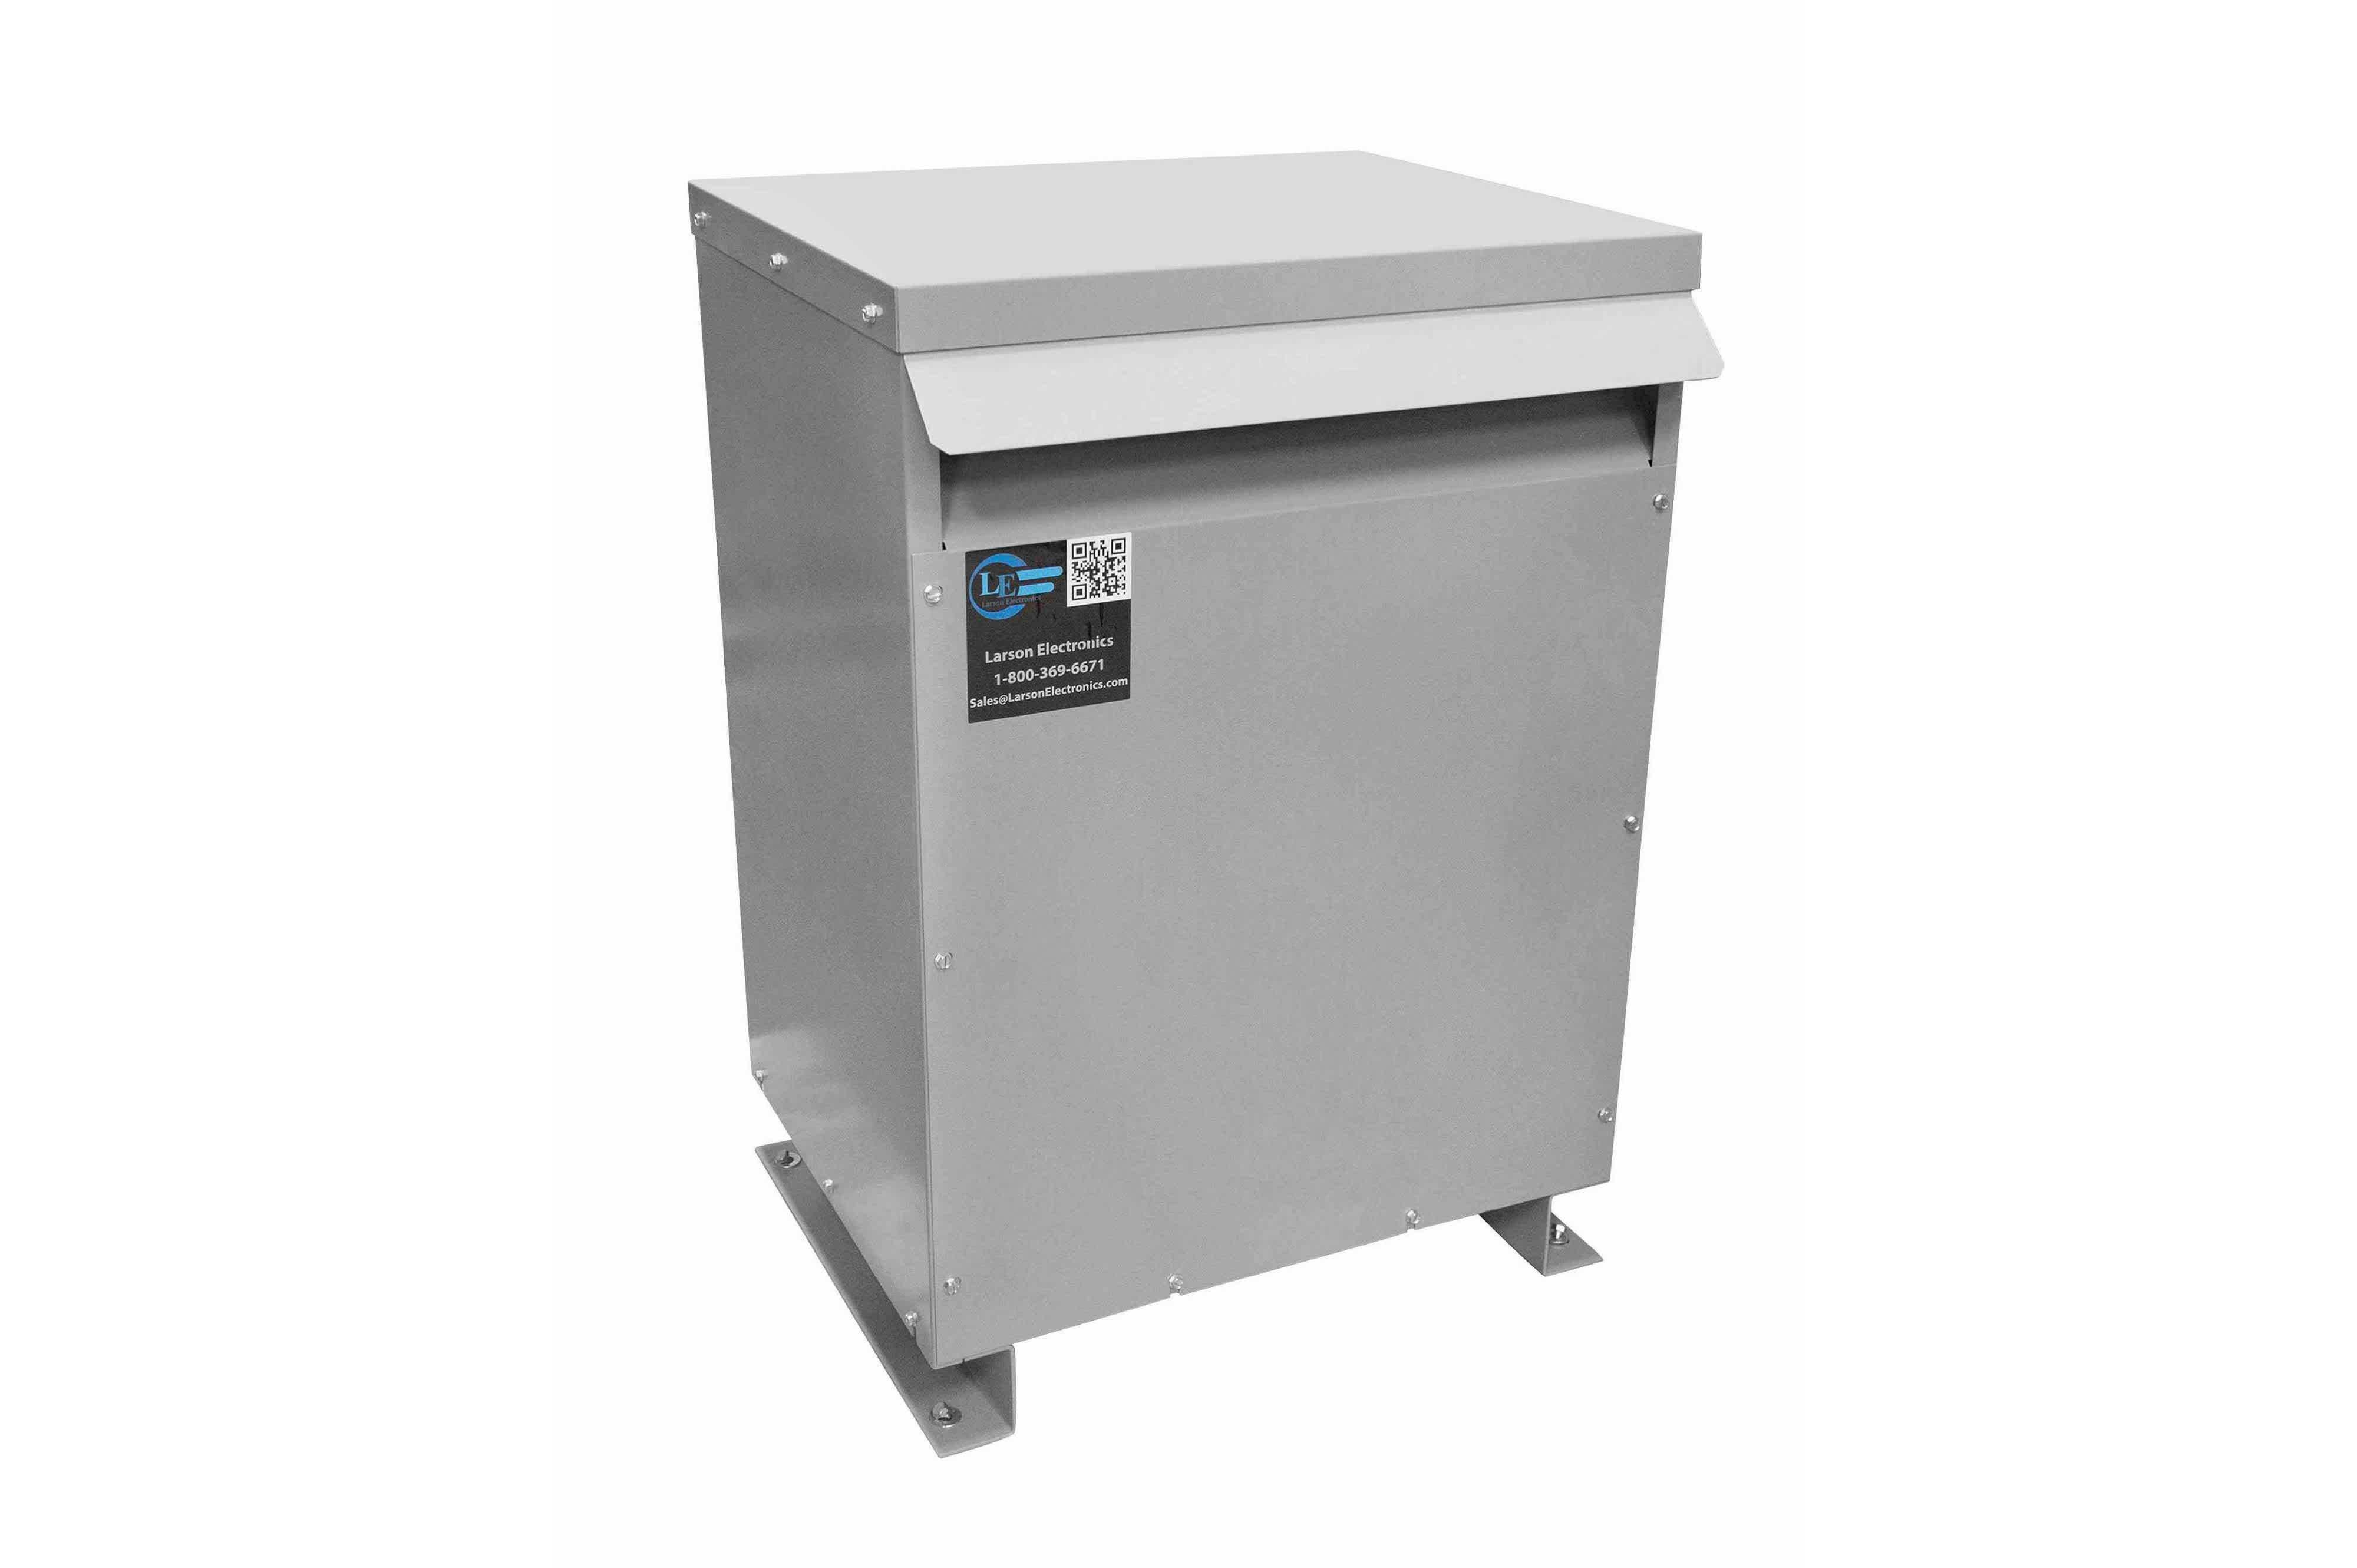 10 kVA 3PH Isolation Transformer, 415V Delta Primary, 600V Delta Secondary, N3R, Ventilated, 60 Hz